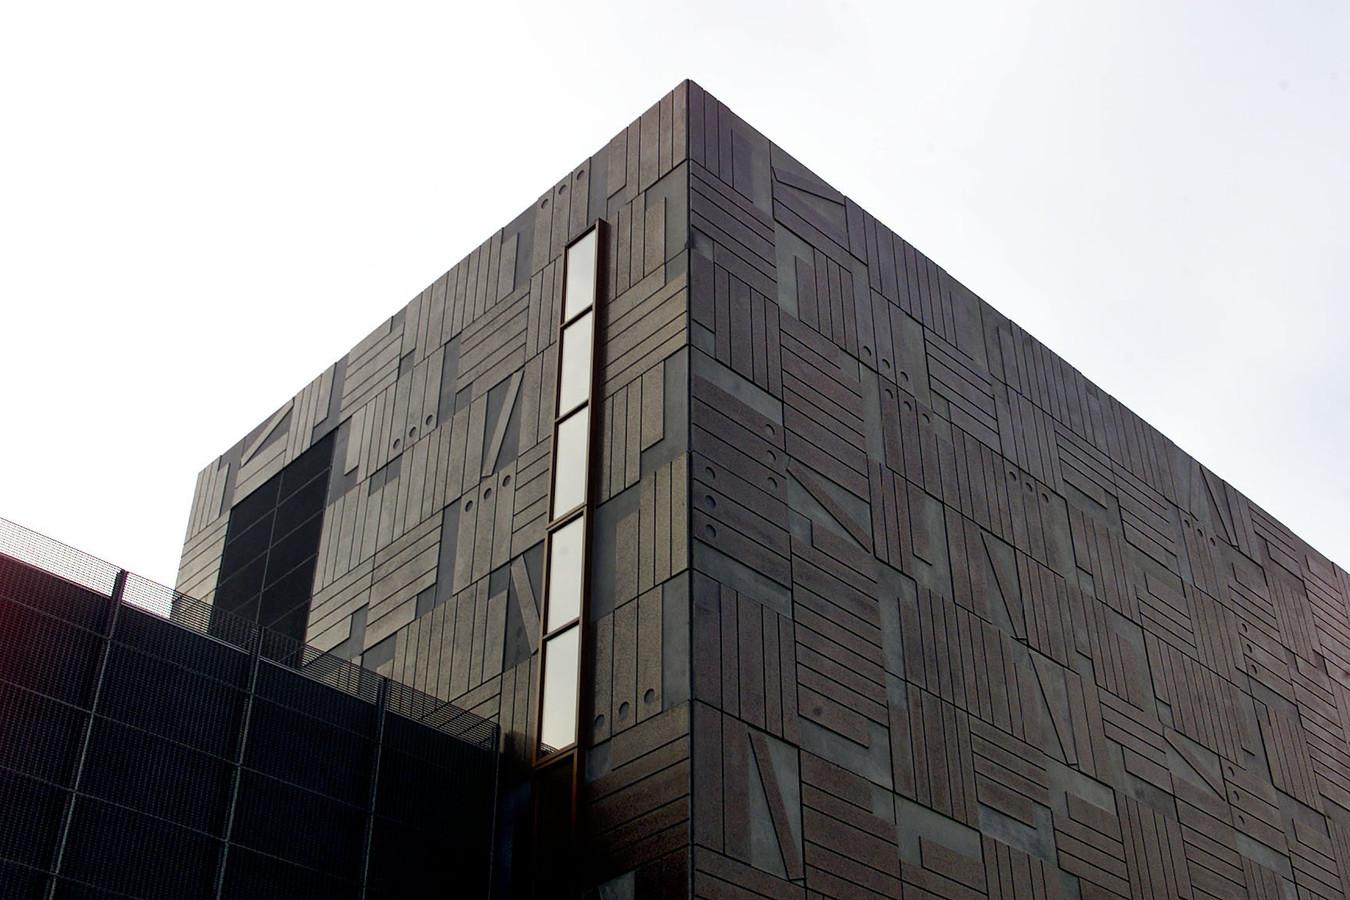 Blik op het pand van het Regionaal Historisch Centrum aan de Raiffeisenstraat in Eindhoven.